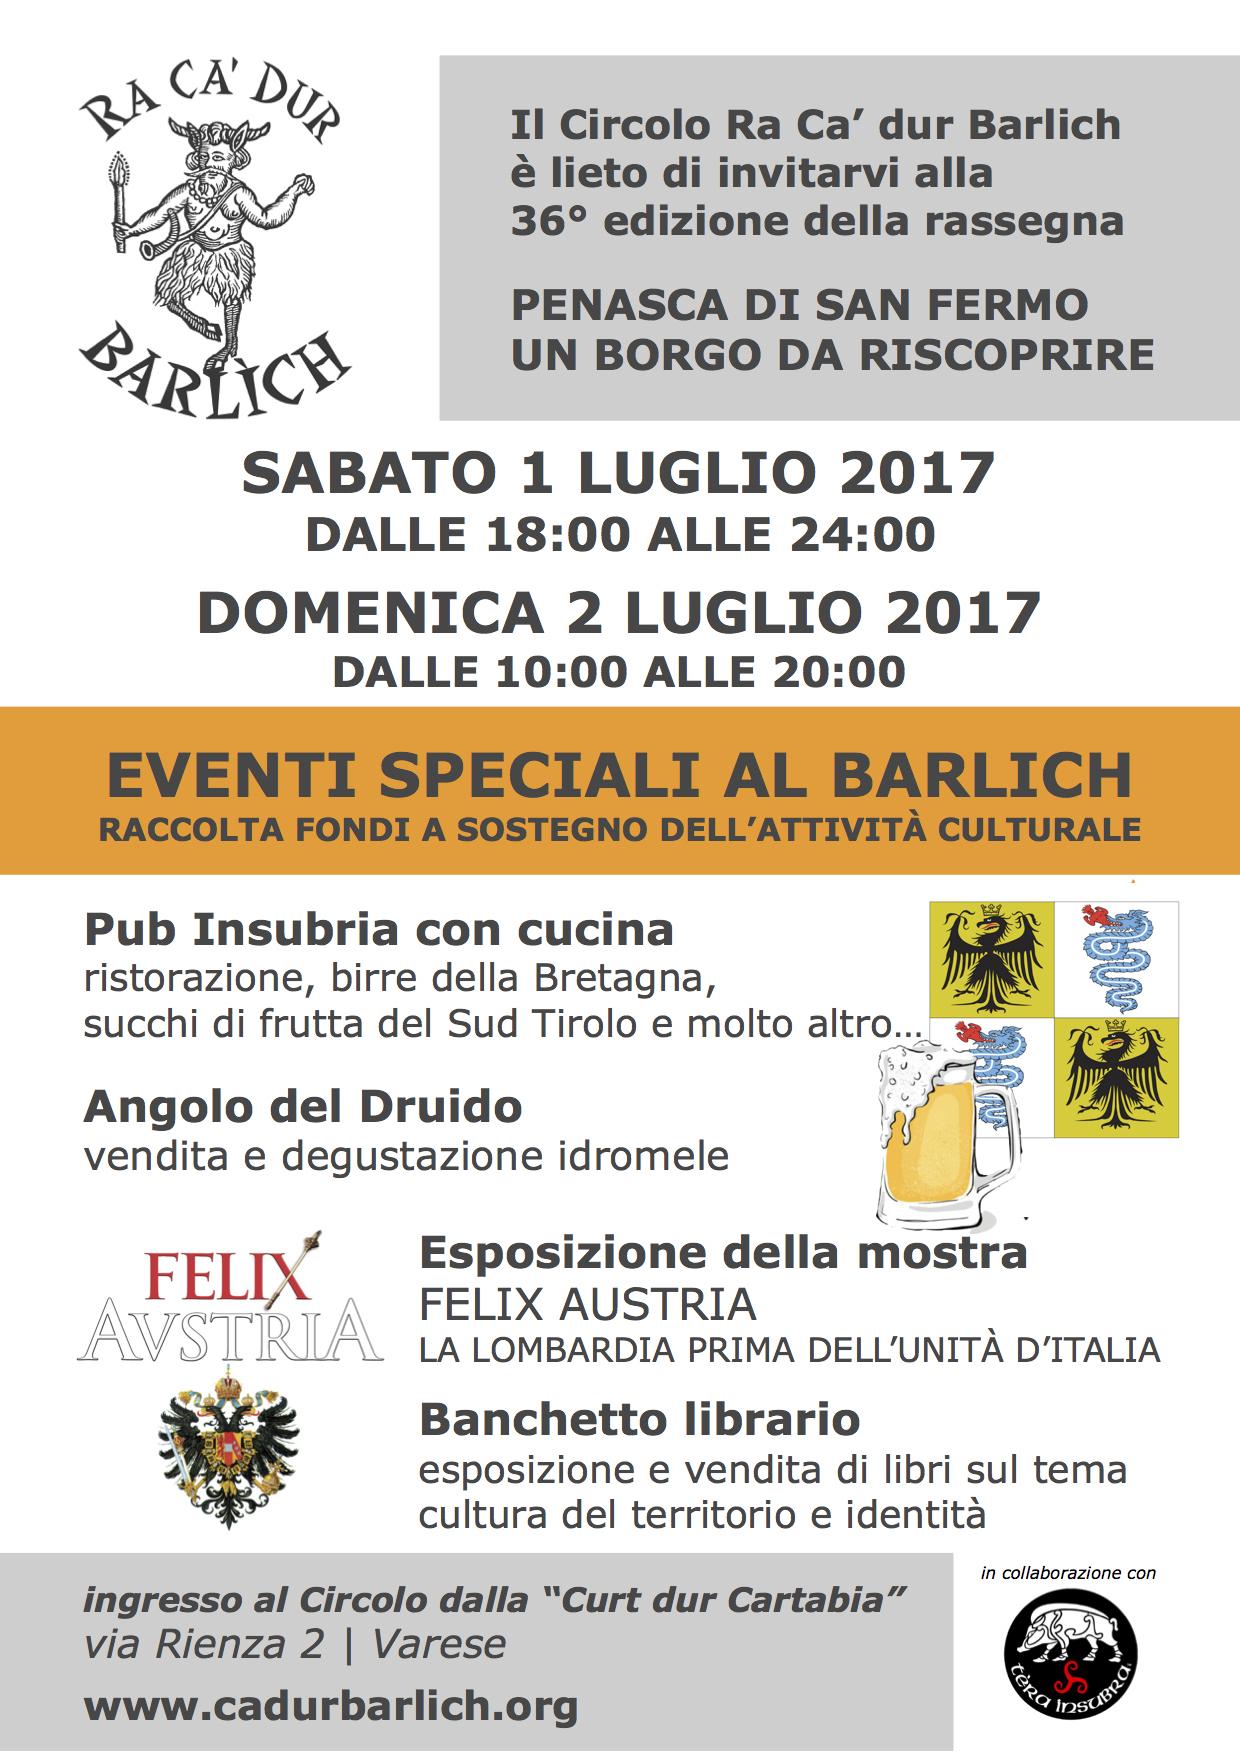 TERRA INSUBRE AL BARLICH PER LA FESTA DI SAN FERMO - 1 E 2 LUGLIO 2017 volantino 1 2luglio Barlich